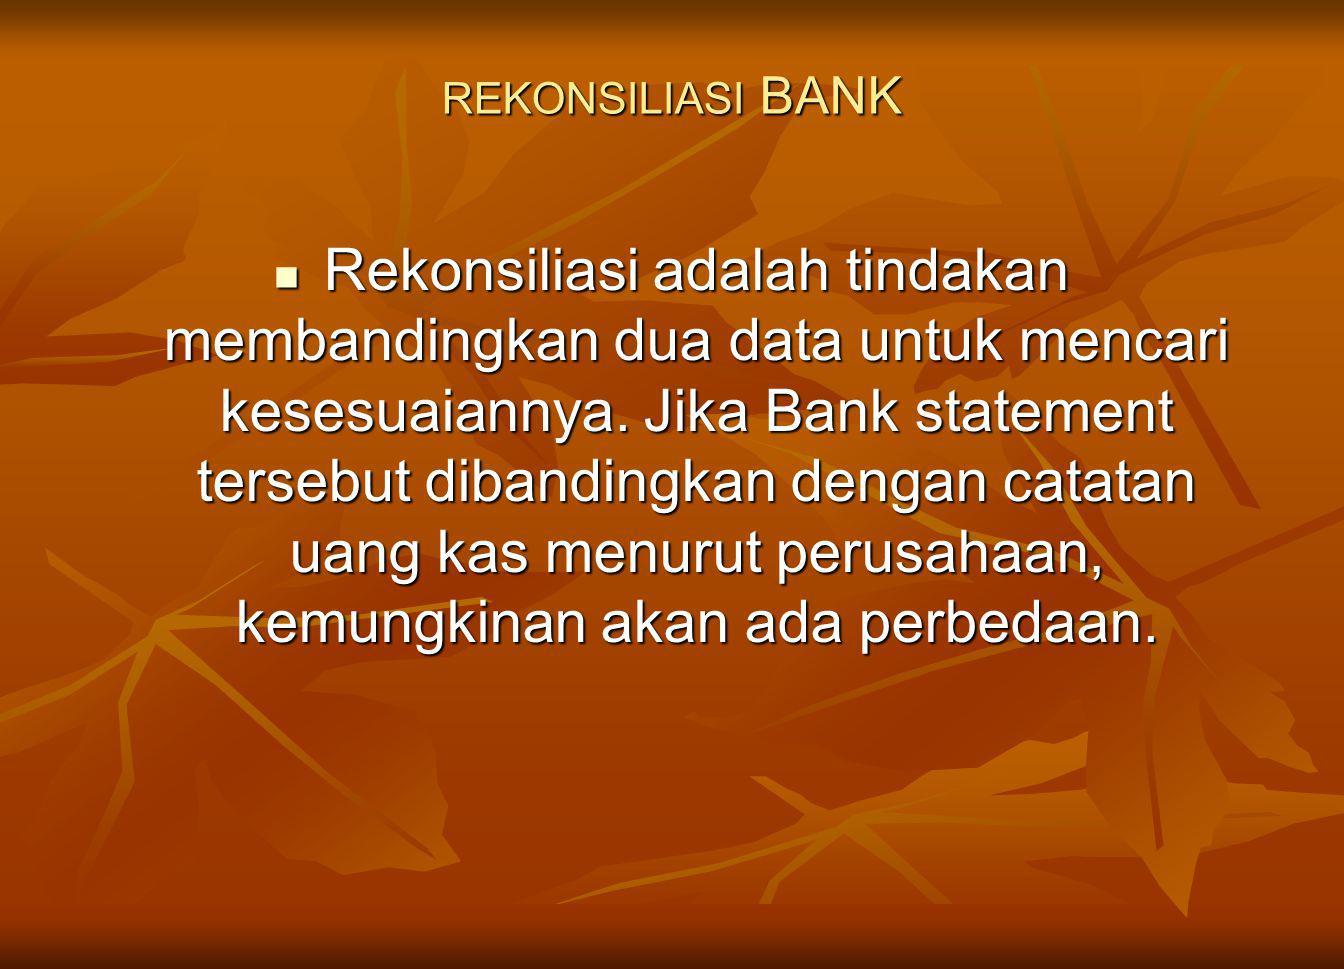 REKONSILIASI BANK Rekonsiliasi adalah tindakan membandingkan dua data untuk mencari kesesuaiannya.